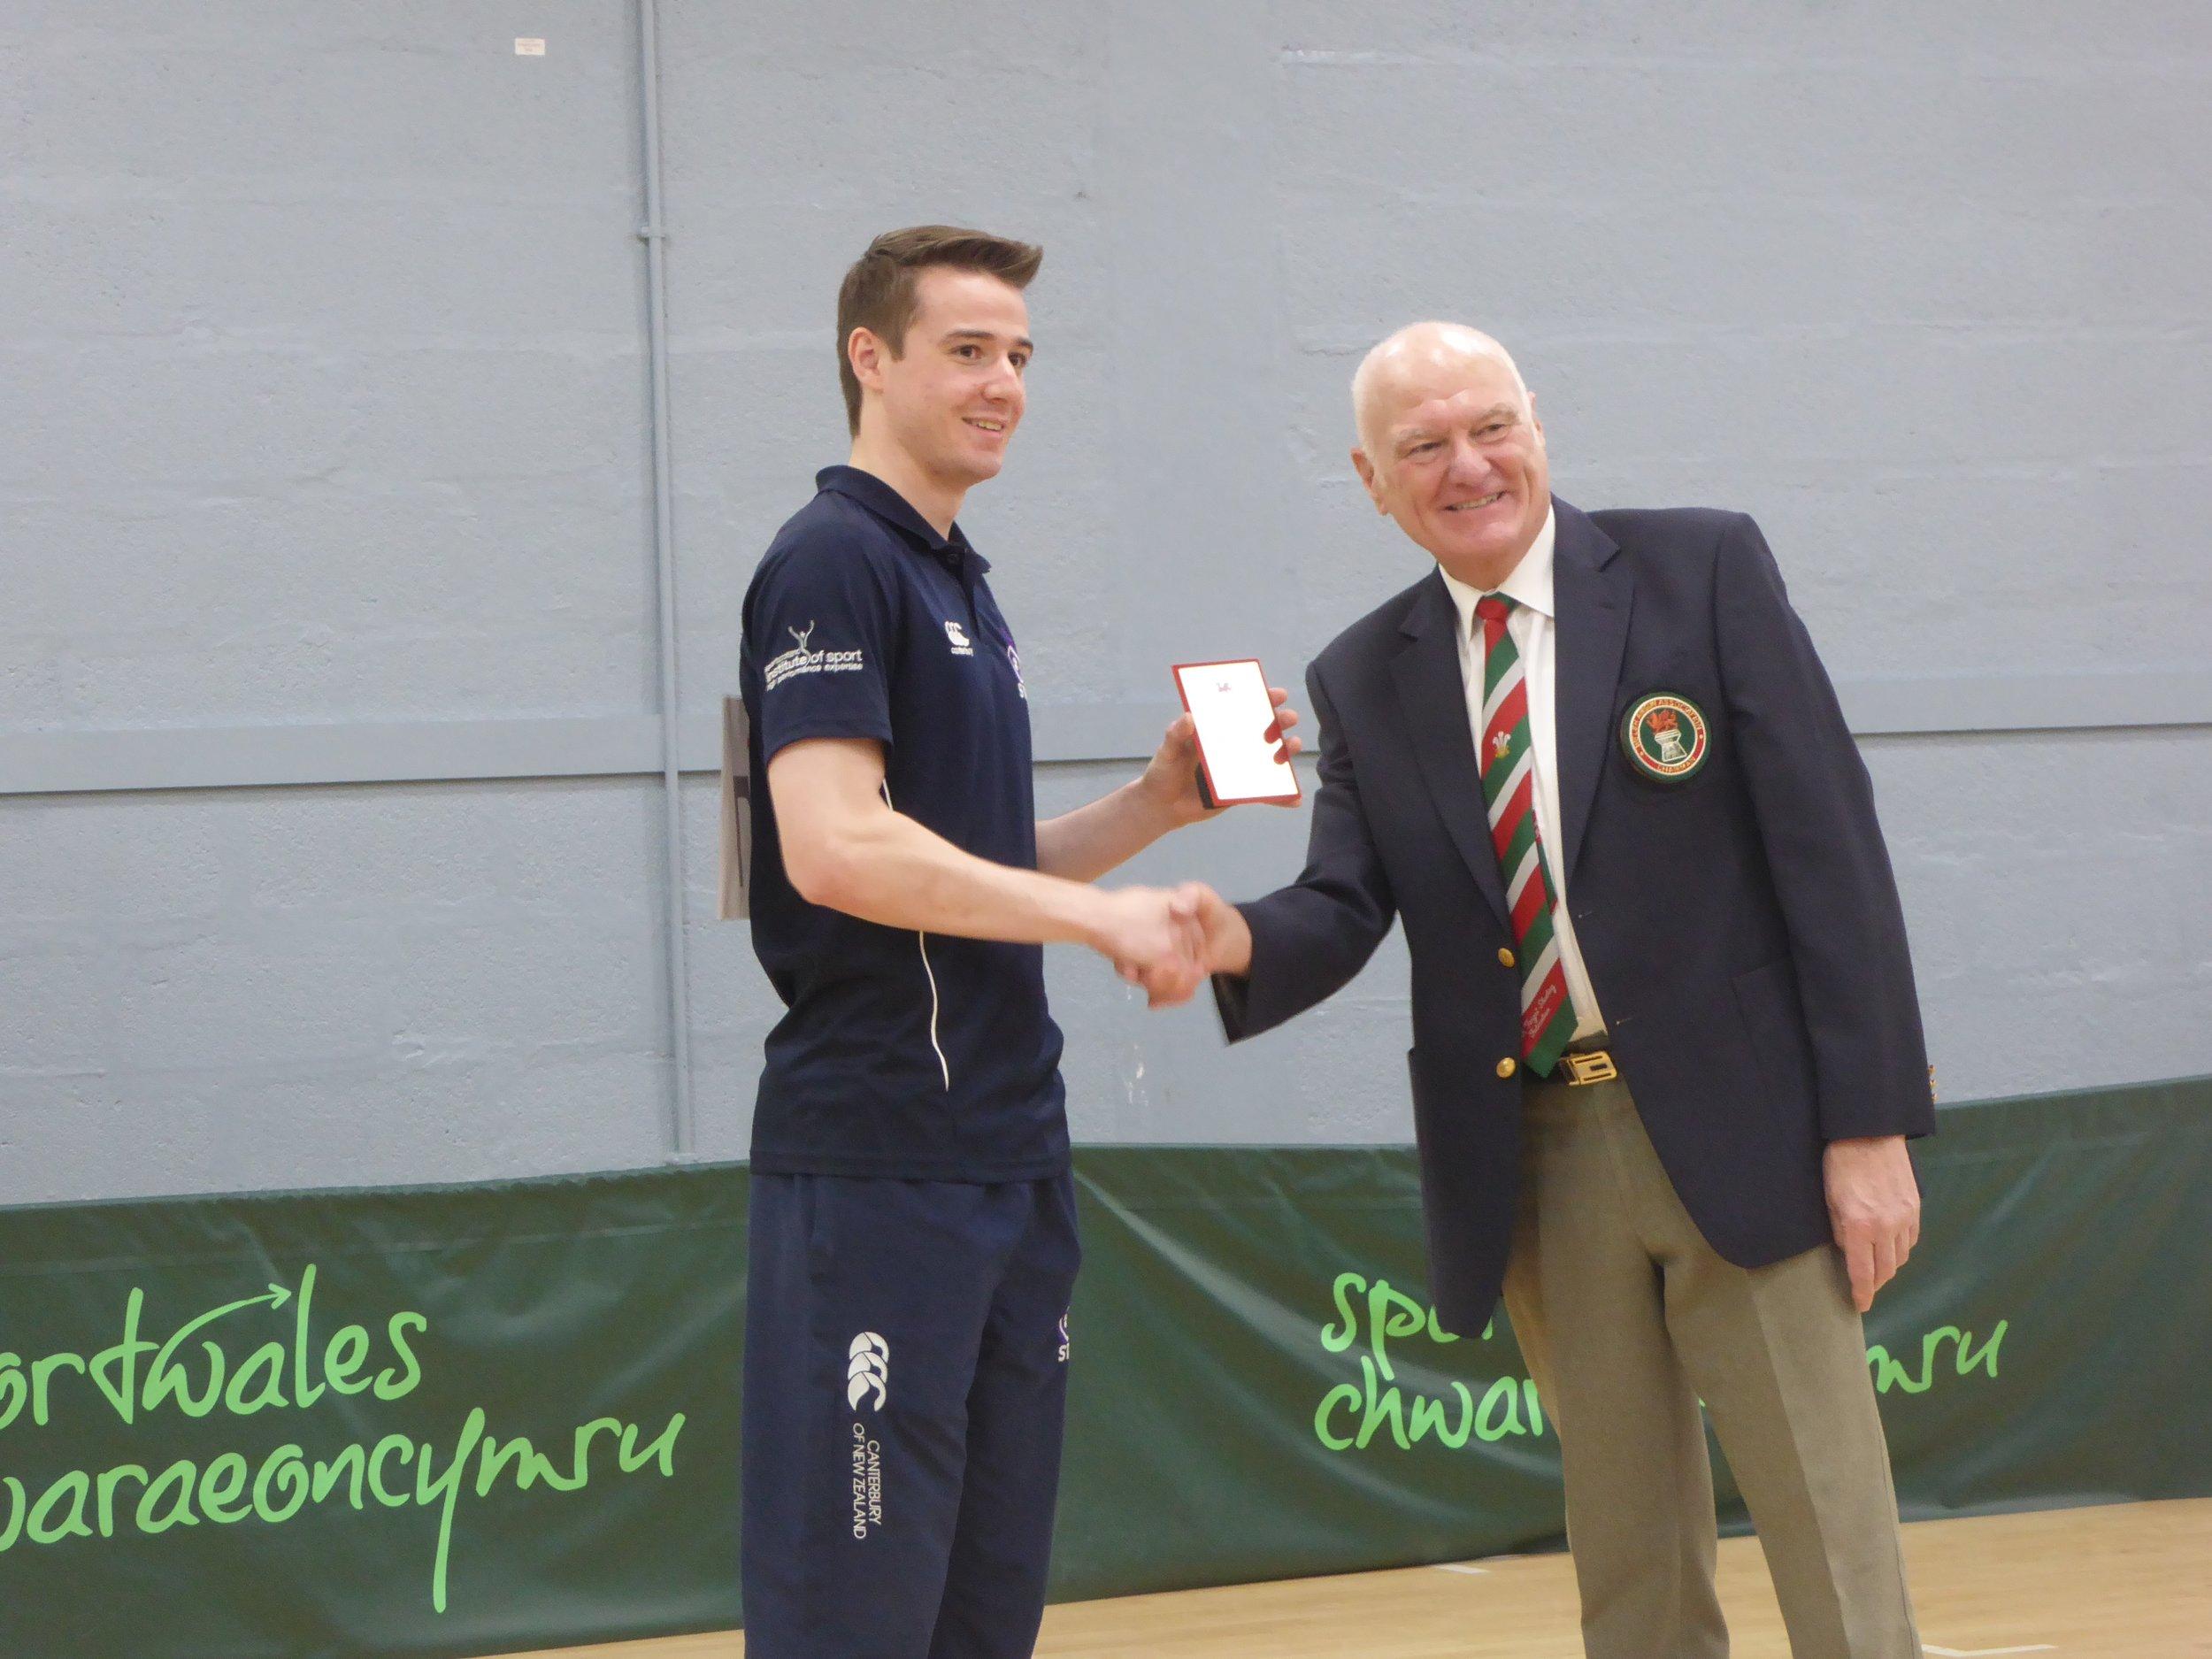 Aedan Evans receiving his Gold medal